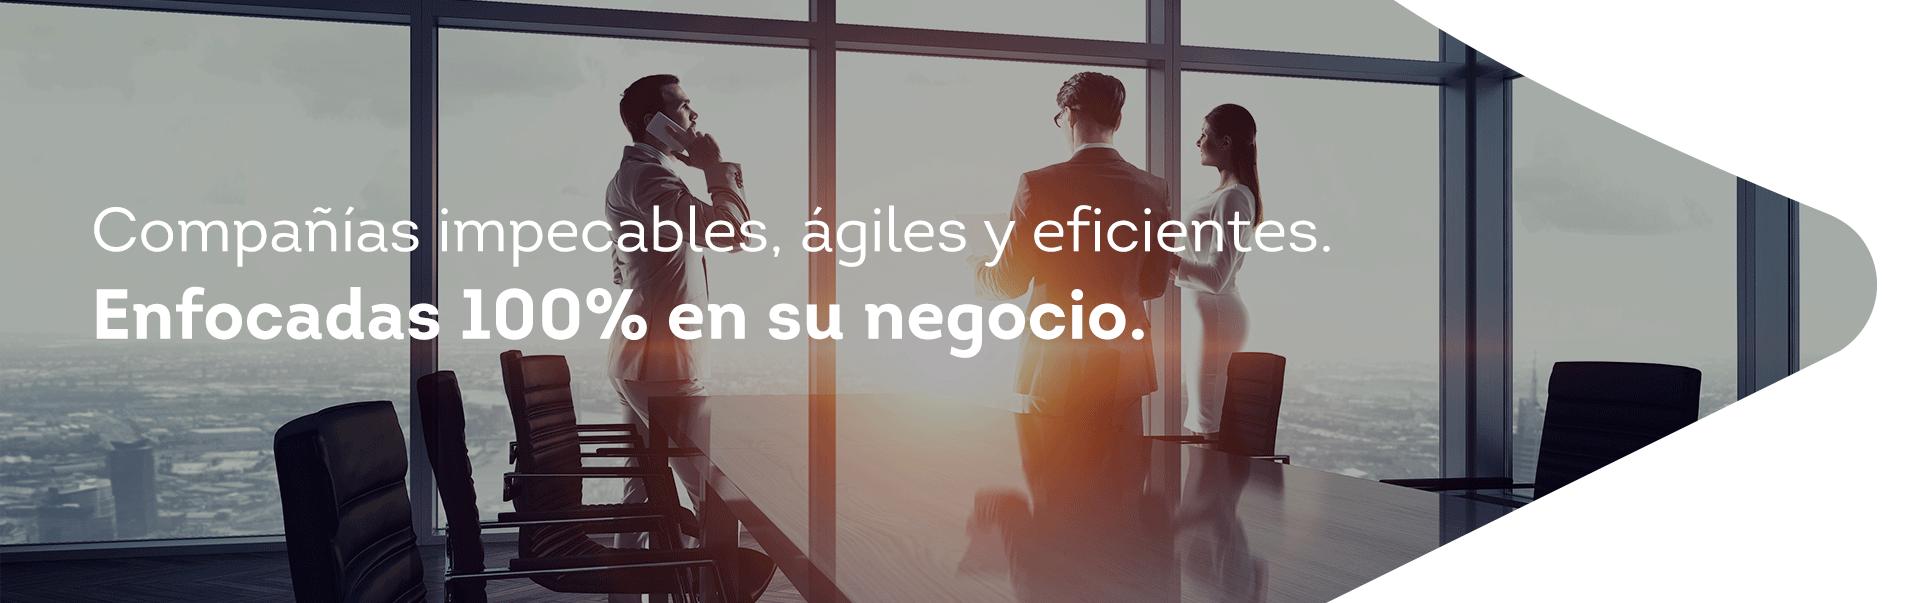 Compañías impecables, ágiles y eficientes.